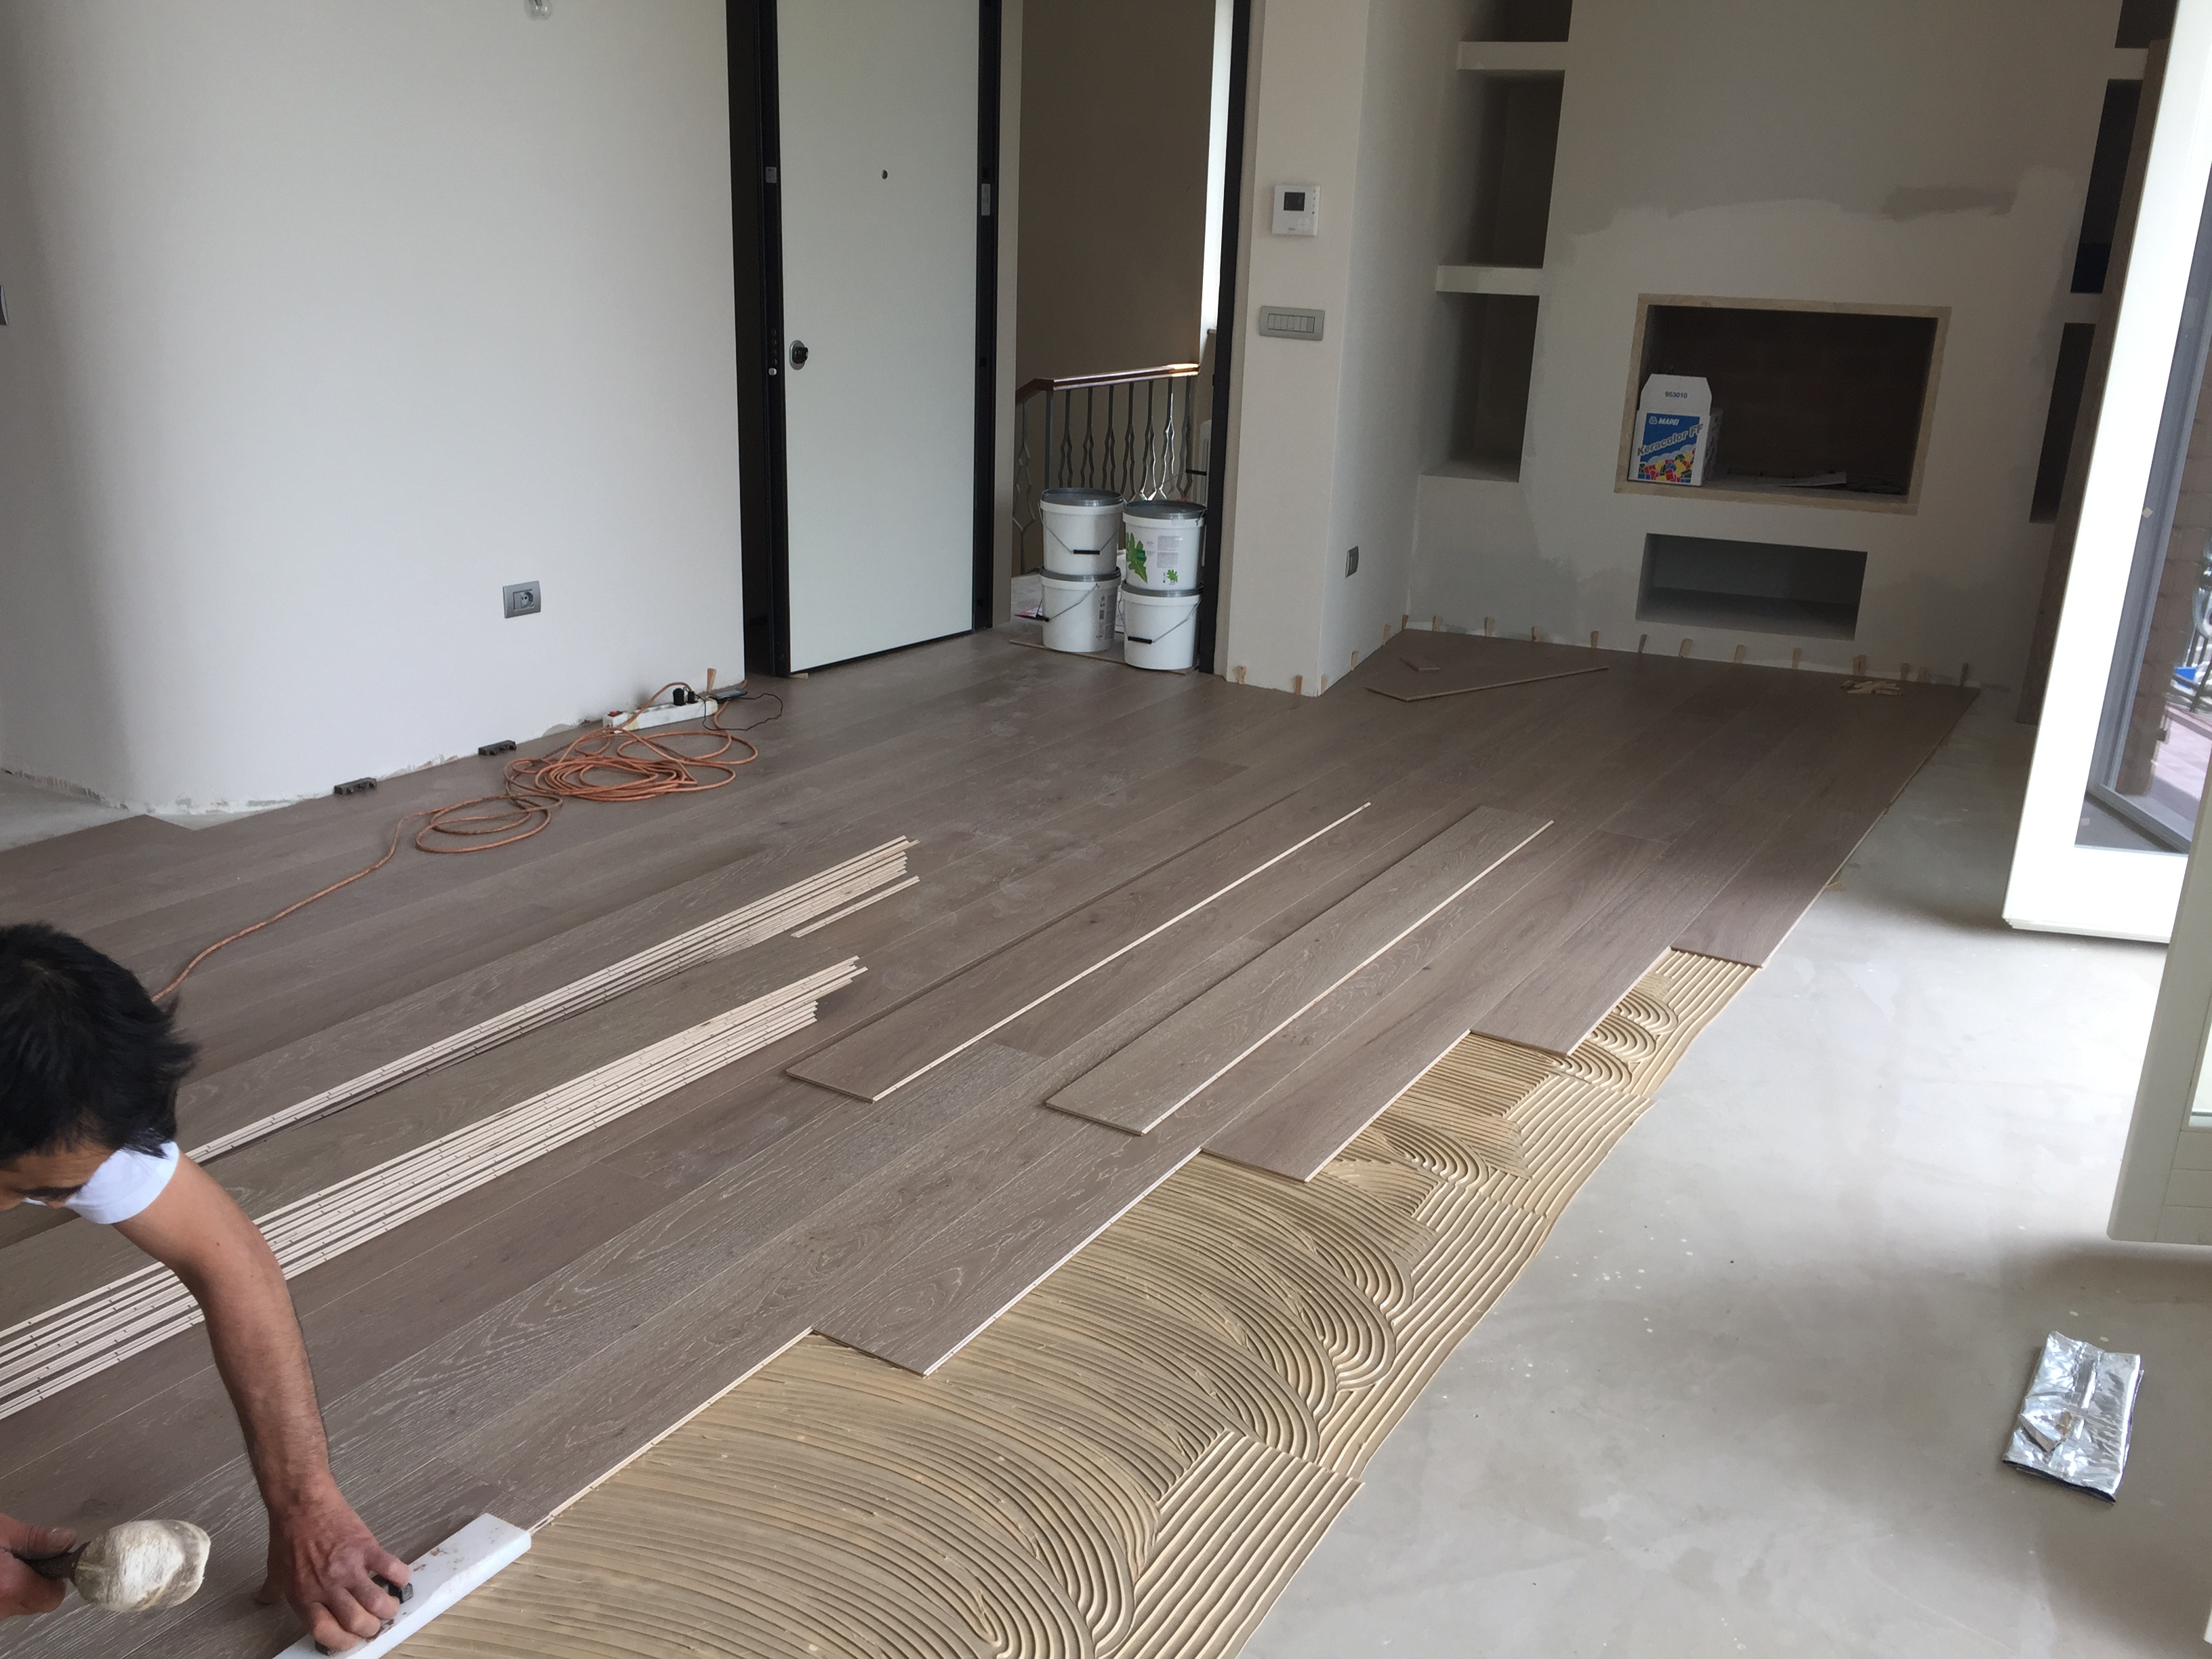 Parquet il blog della casa - Ikea pavimenti in laminato ...